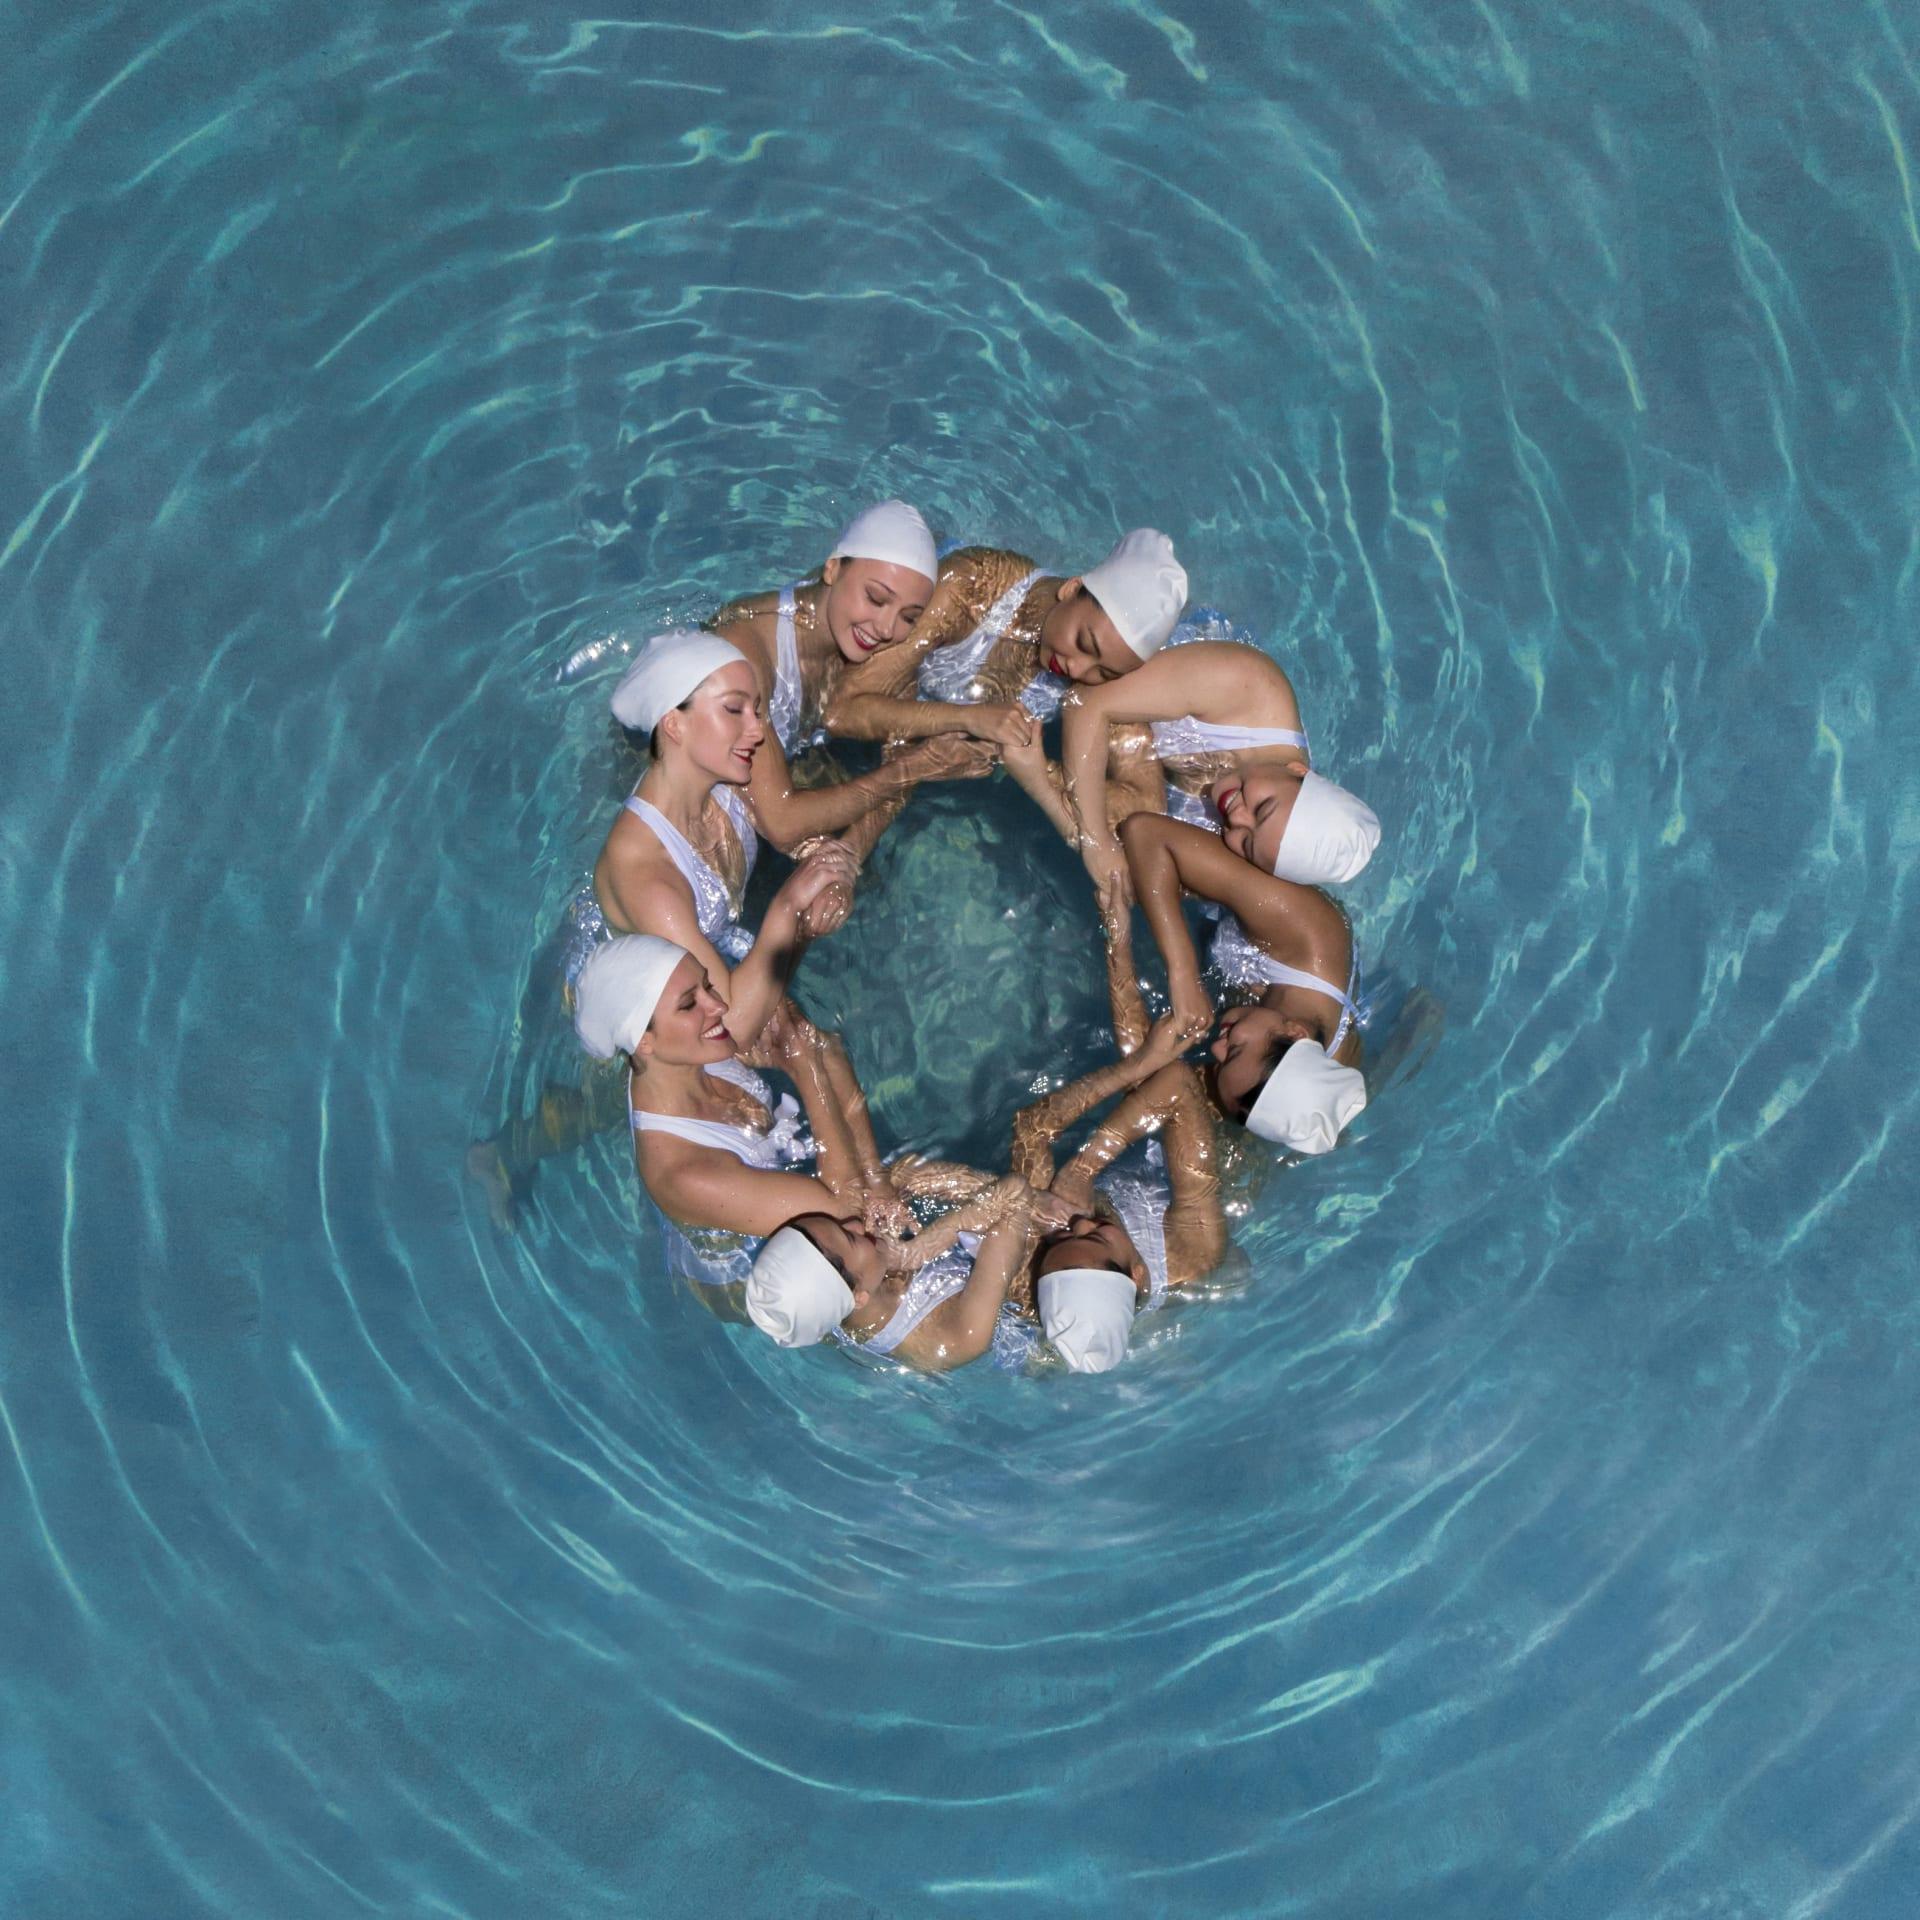 جمال السباحة المتزامنة